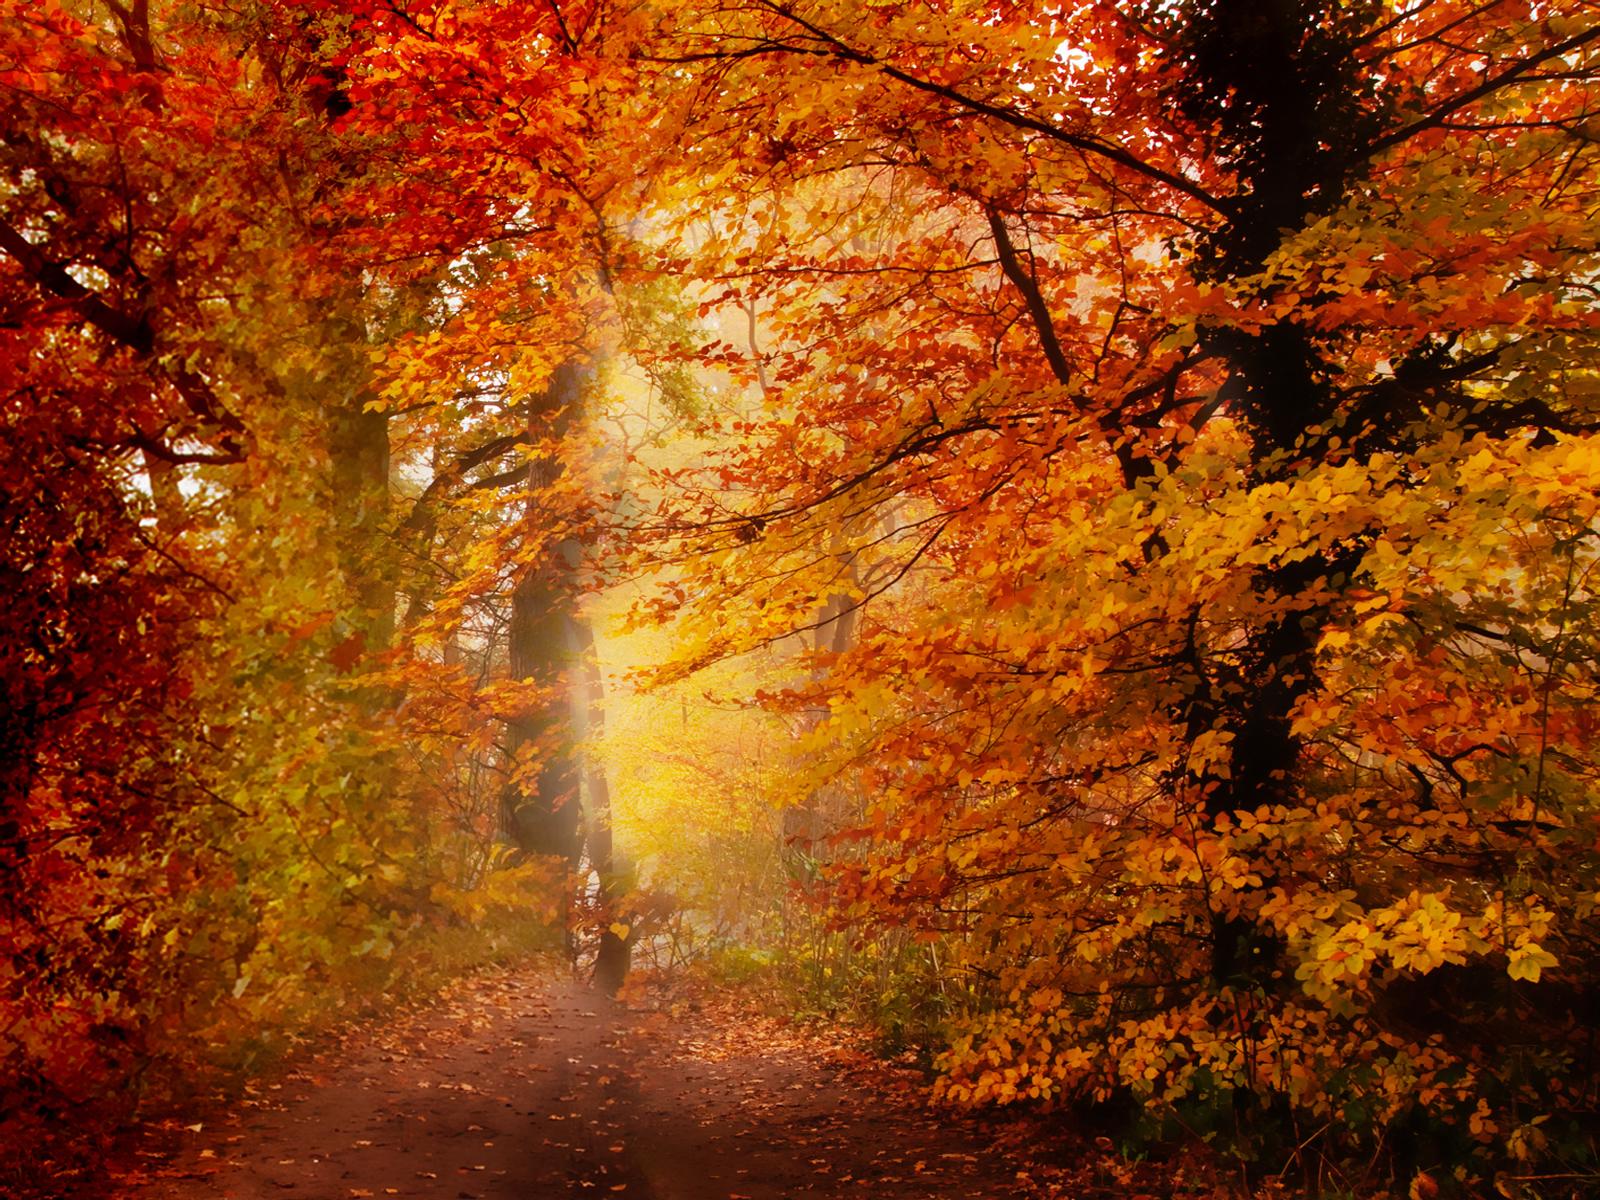 осенний лес, литься, лситопад, скачать фото, autumn wallpaper